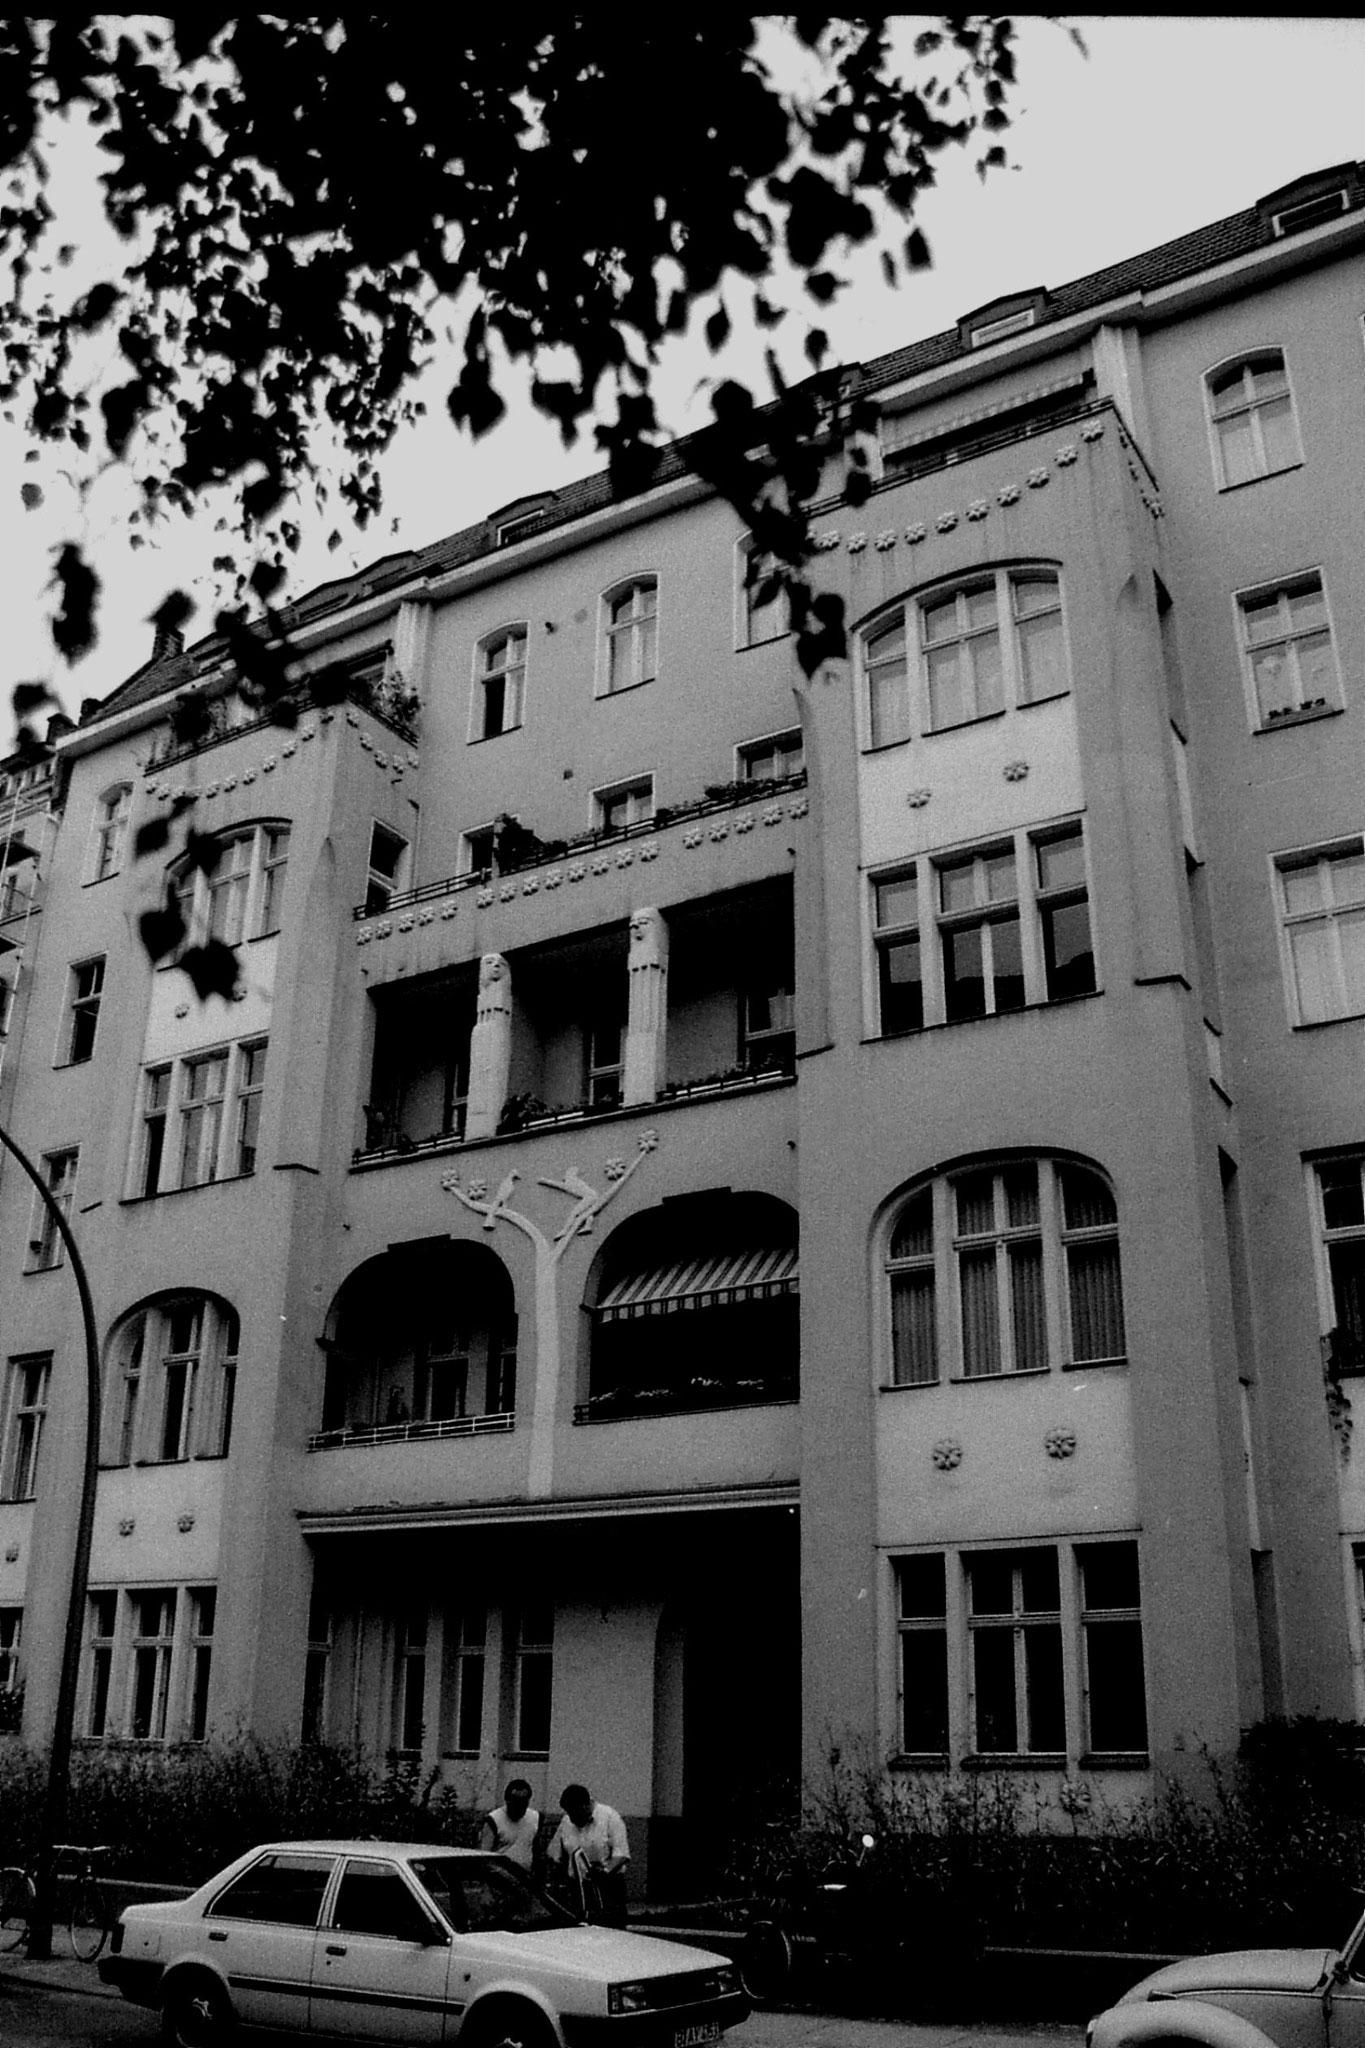 18/8/88: 2: Arndt home Berlin